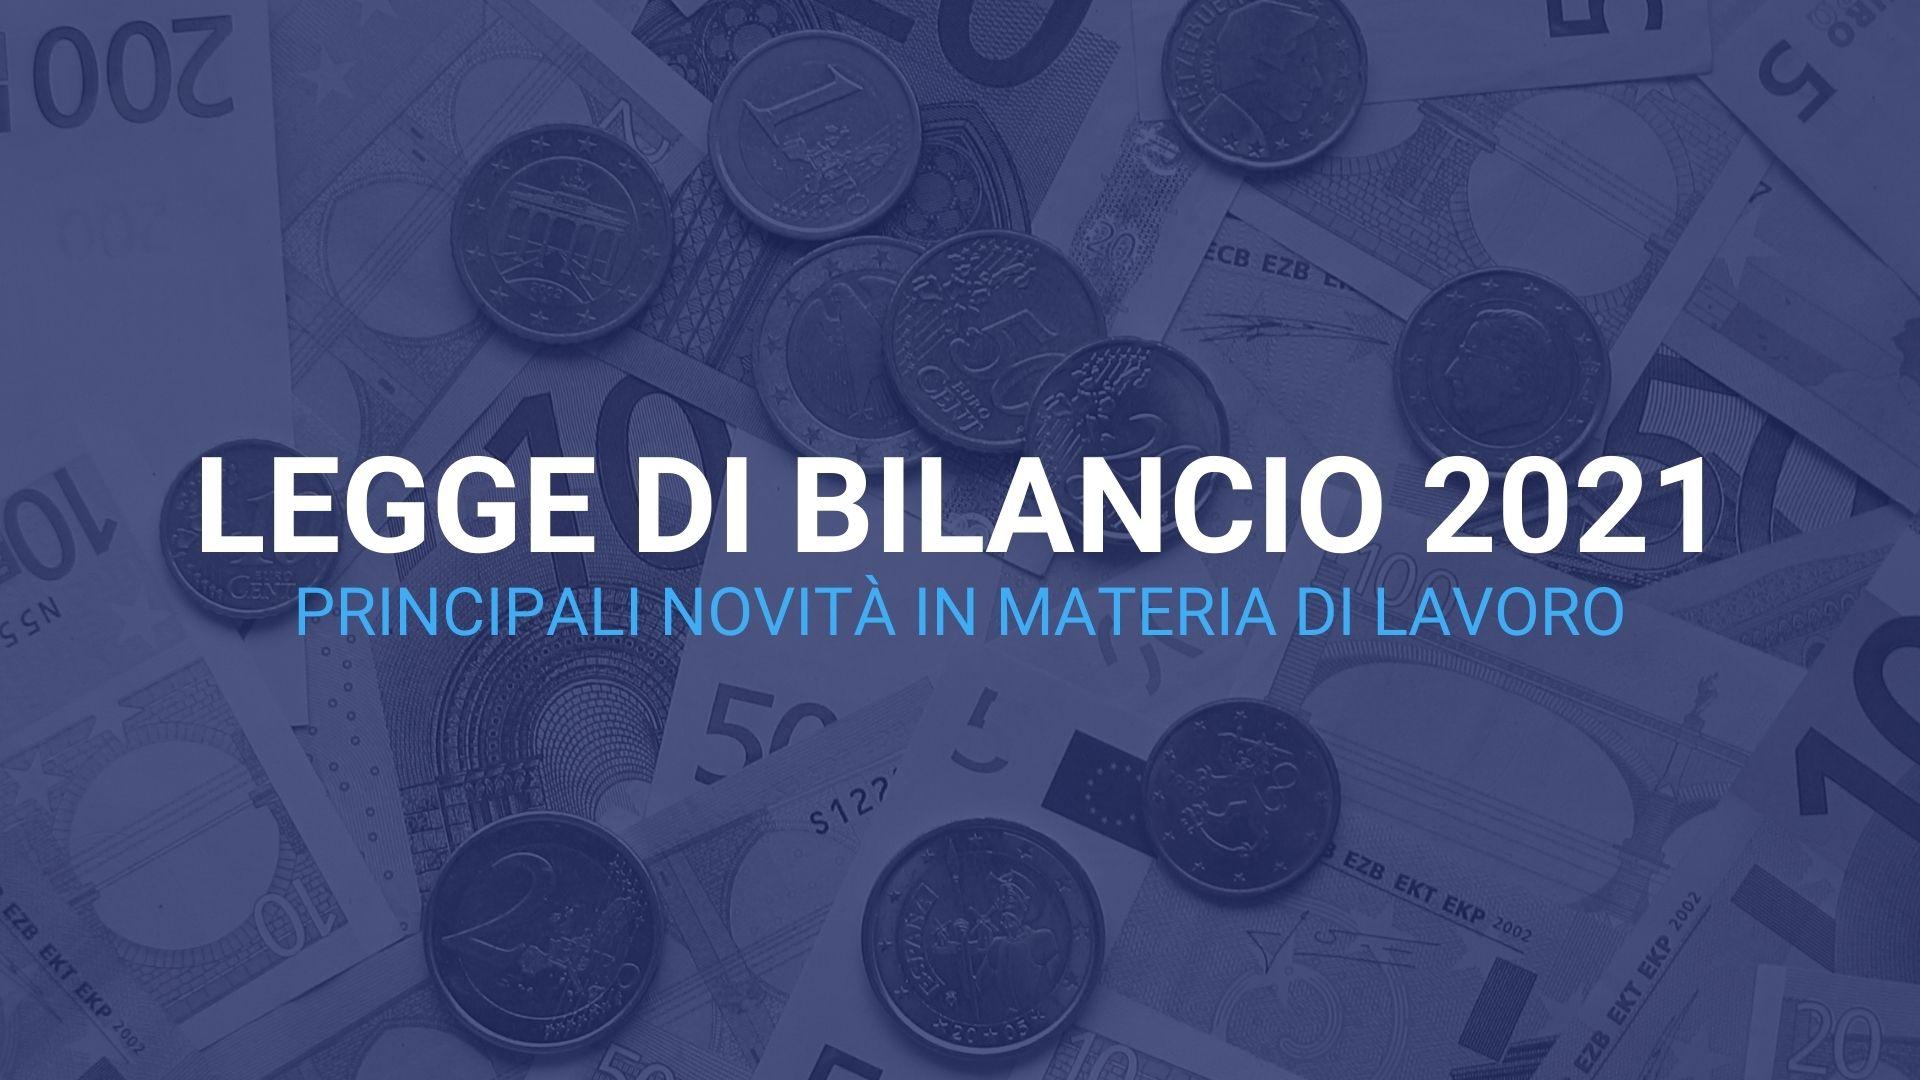 Legge di Bilancio 2021. Il Ministero del Lavoro riepiloga le novita principali sui temi di sua competenza.